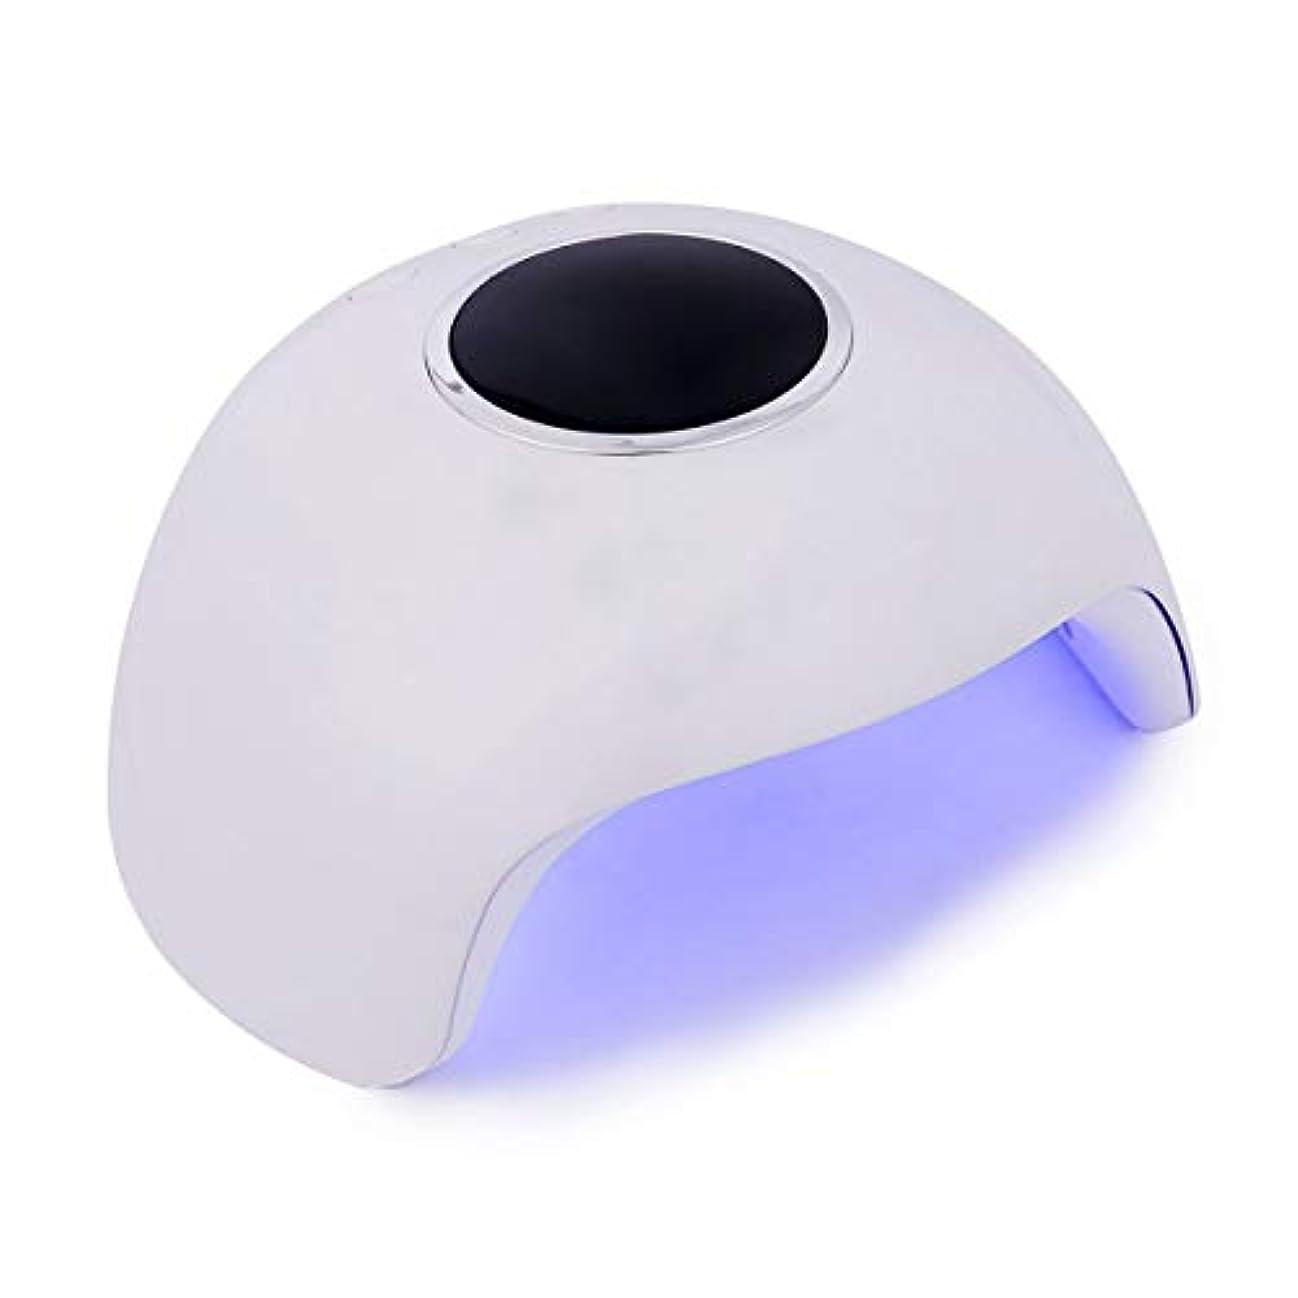 納屋反対に石灰岩ネイルジェルランプ36/45 / 80W LED UVランプネイルドライヤーLEDネイルホワイトライトネイルジェルタイマーボタン付きマニキュア機USBコネクタネイルアートツール